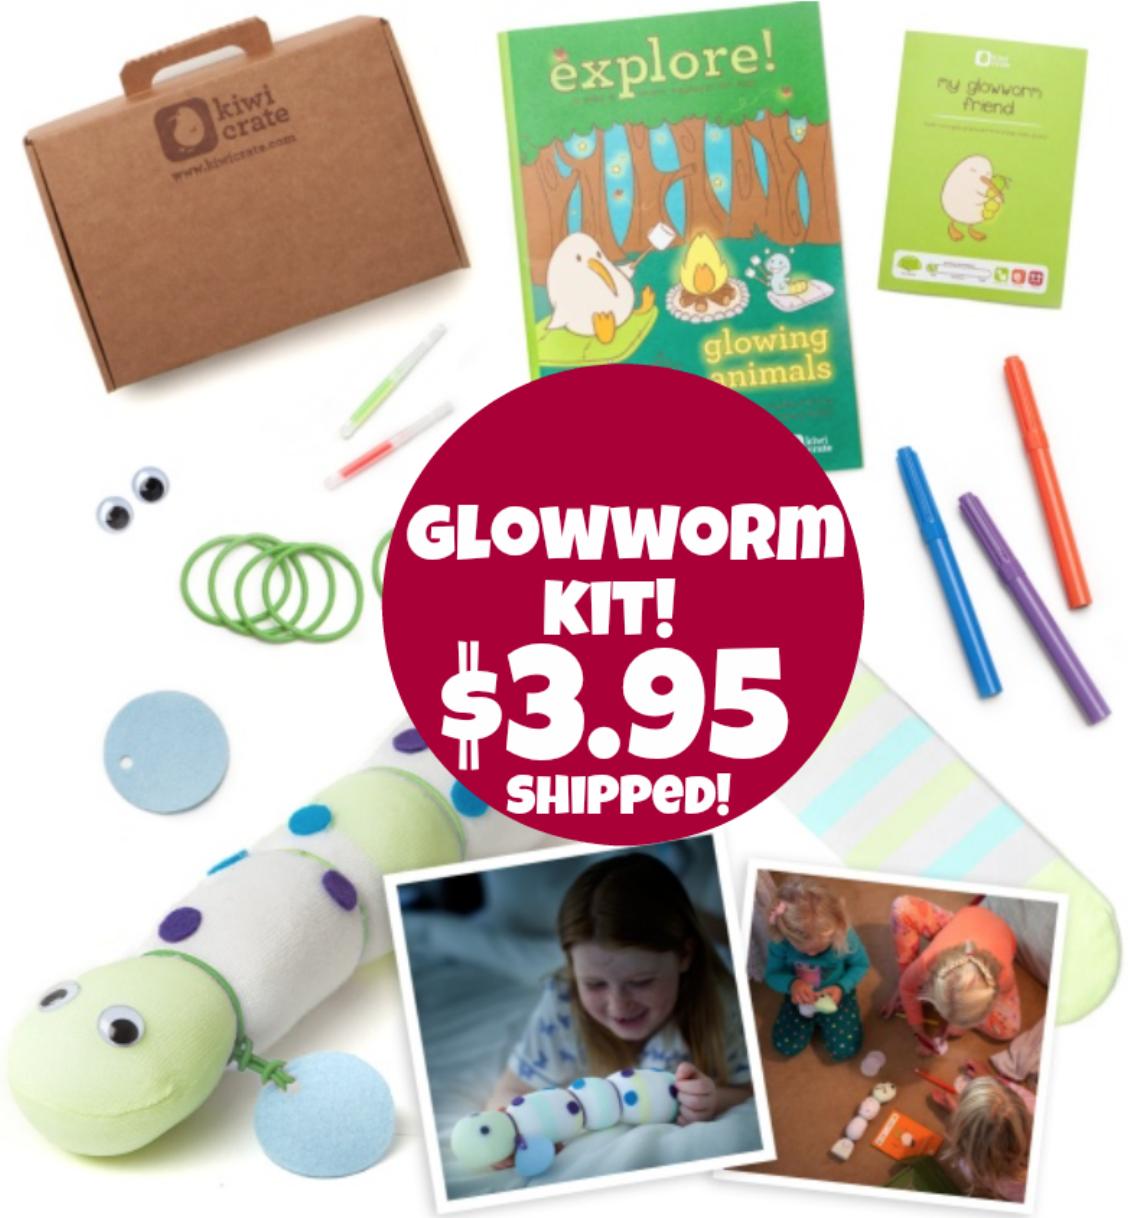 http://www.thebinderladies.com/2015/01/hot-kiwi-crate-my-glowworm-friend-diy.html#.VLBLDYfduyM